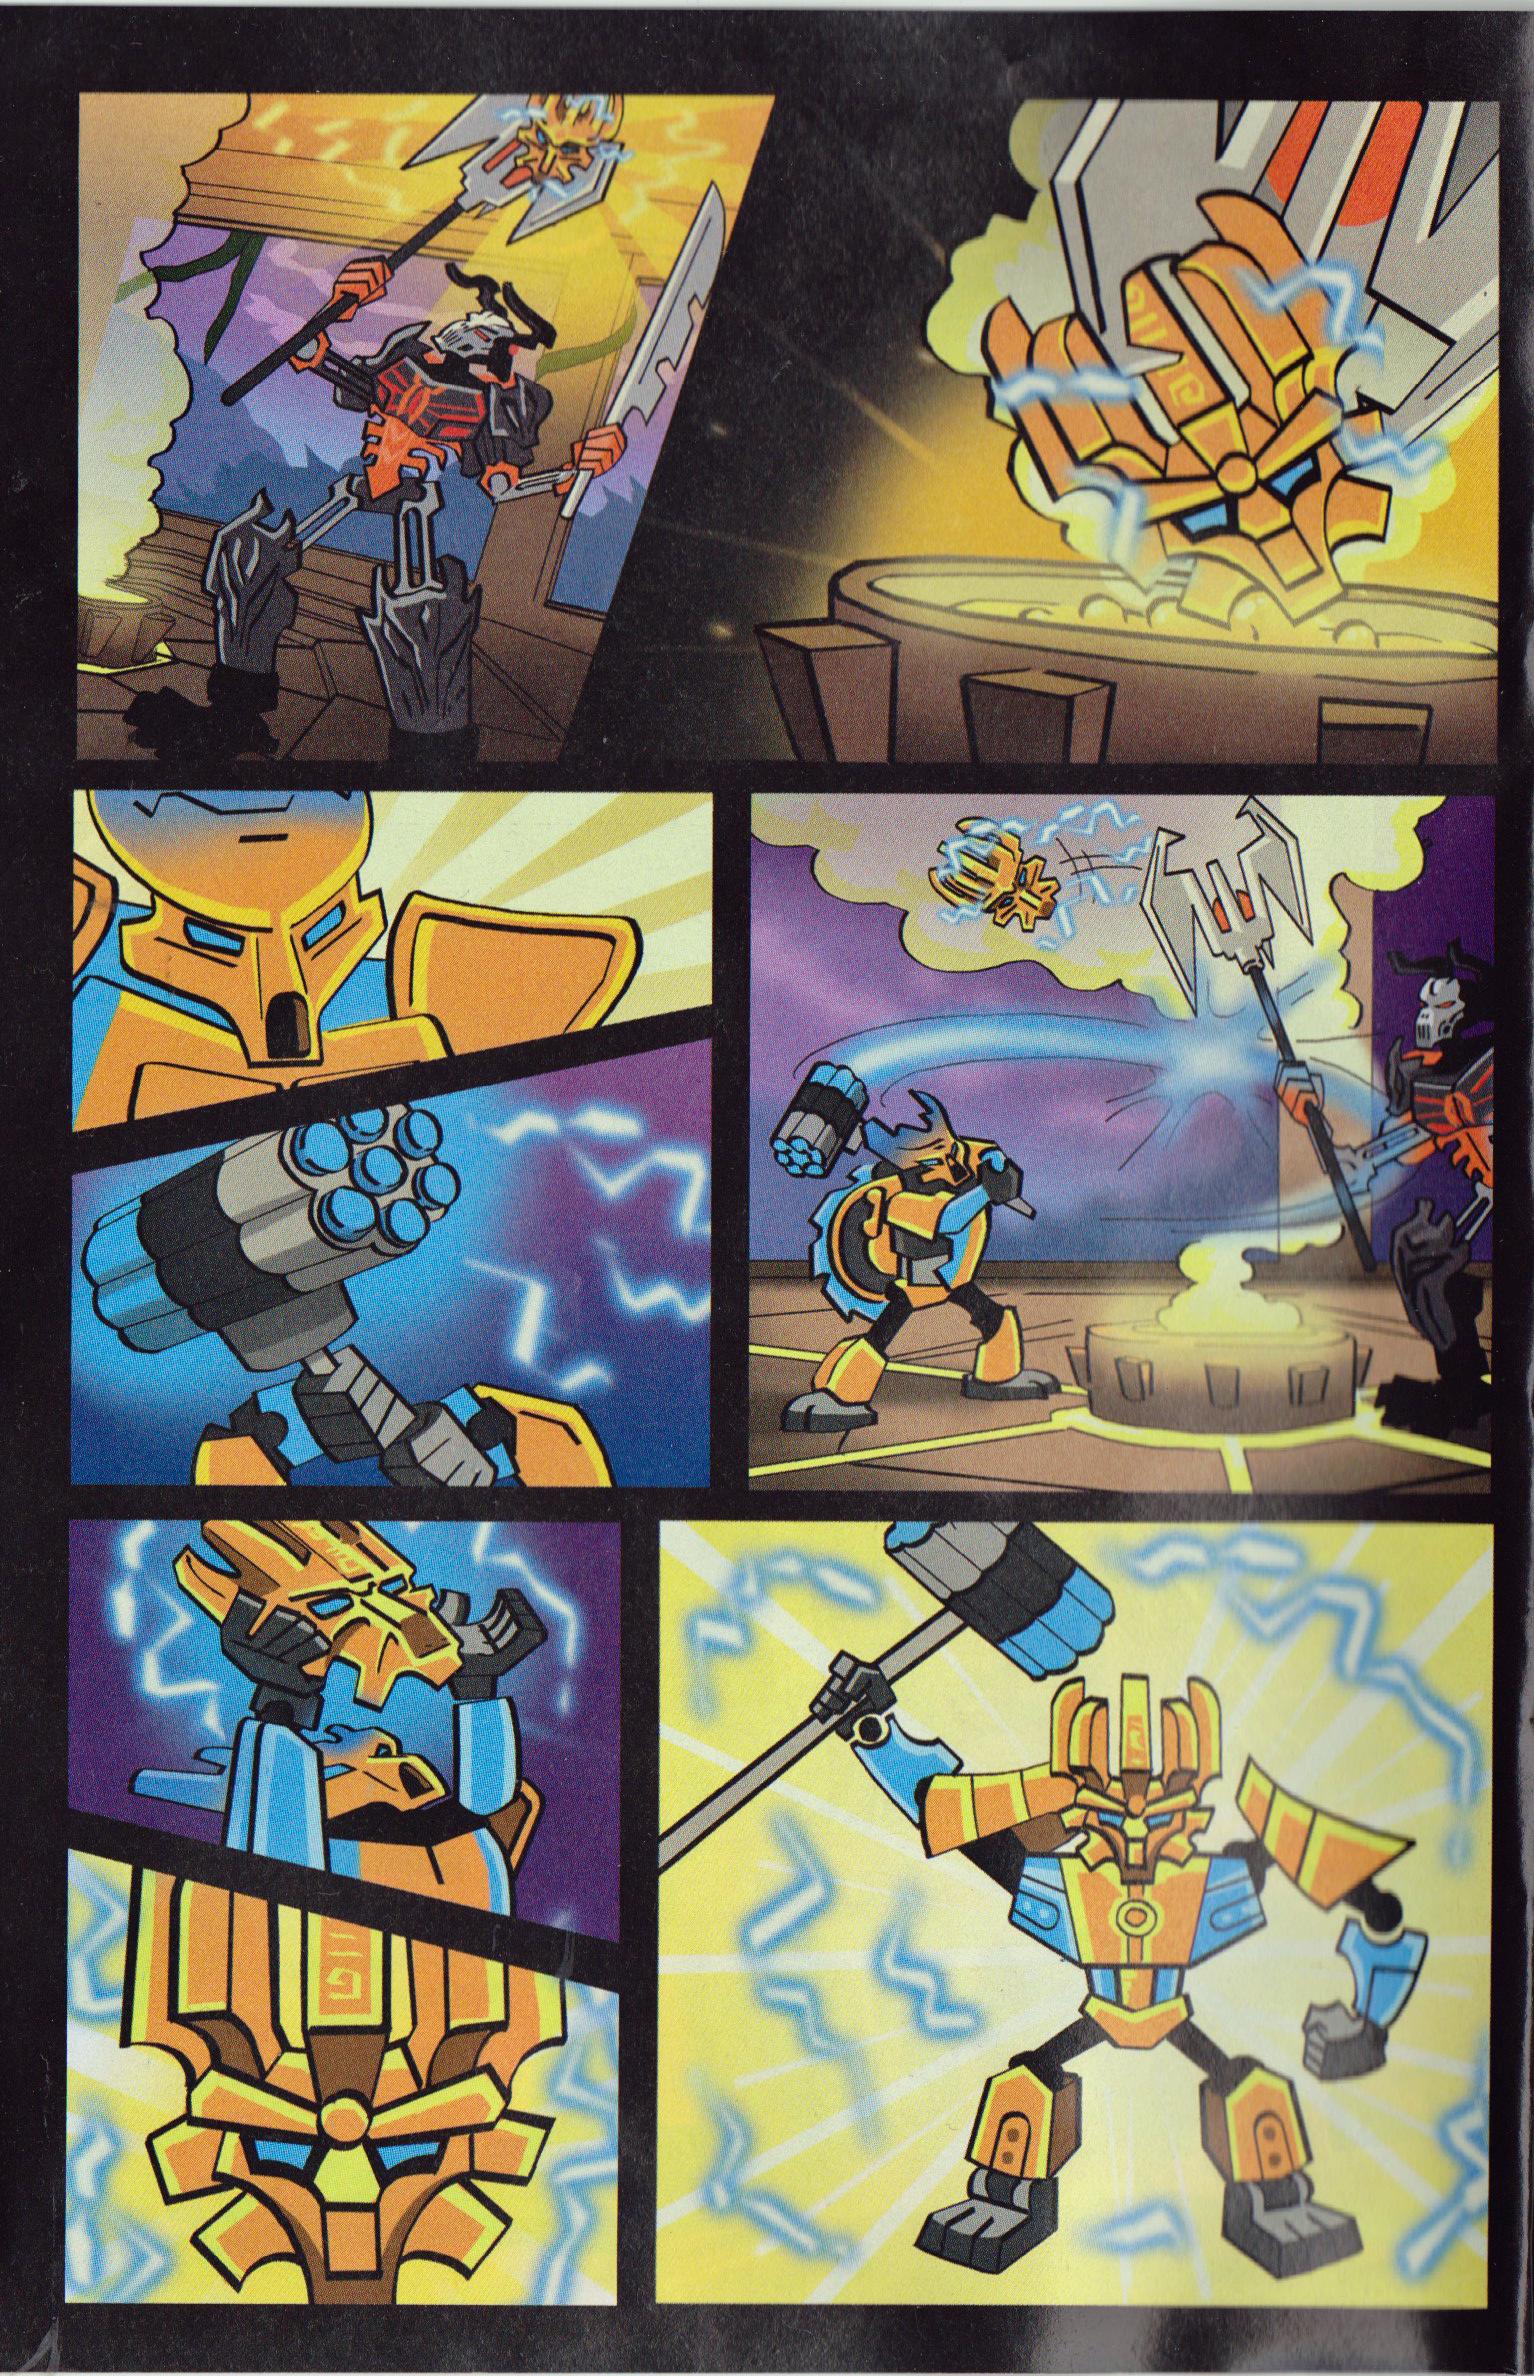 [Produits] Récapitulatif des ensembles de l'été - Page 3 Bionicle_70795_comic